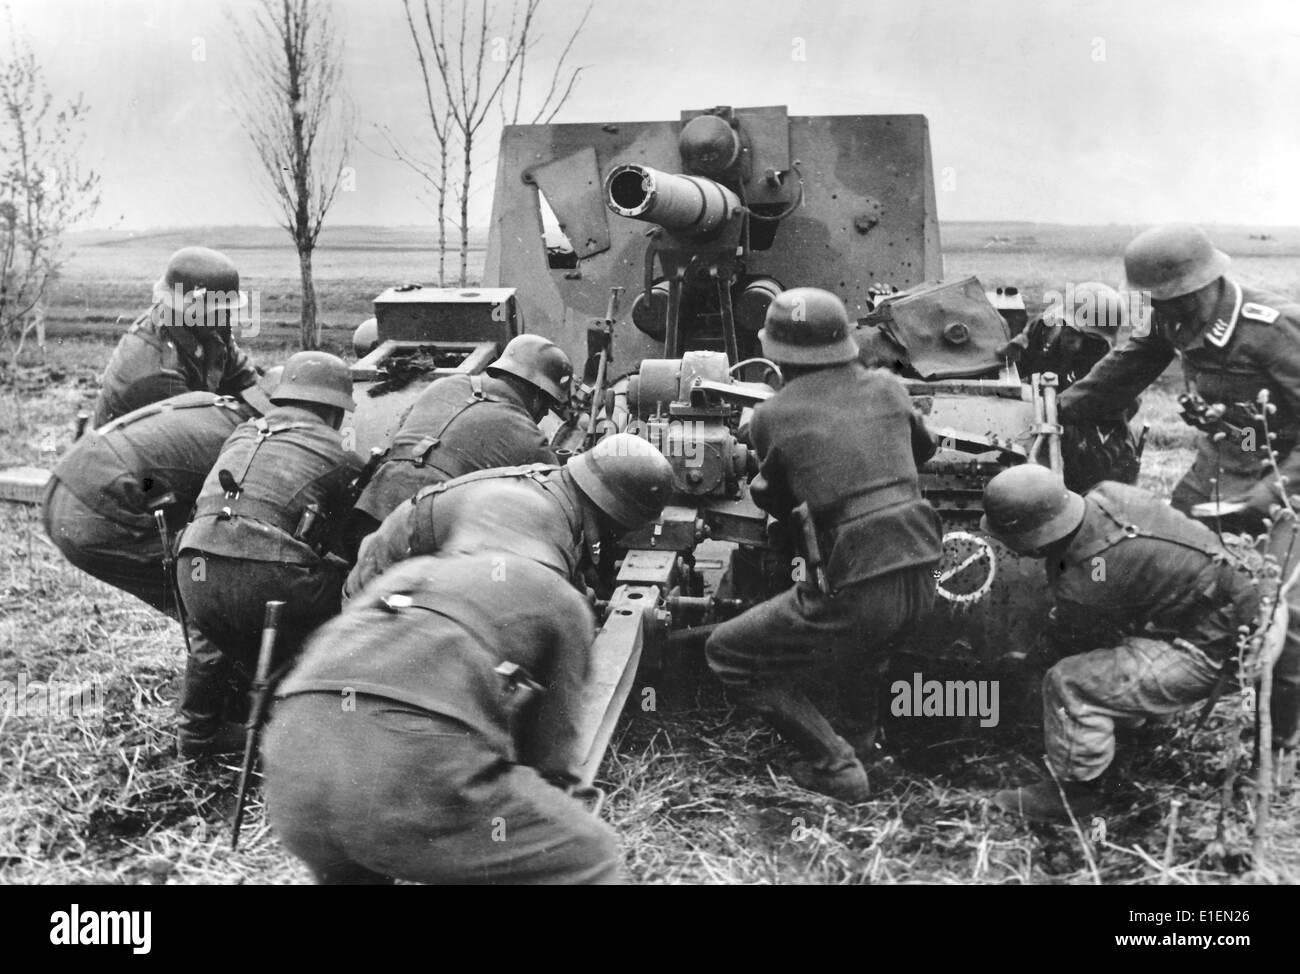 """Texte de propagande! De Nazi nouvelles rapports sur le dos de l'image: 'la bataille de lourds de Kharkov. La bataille de Kharkov ont pris un tournant décisif après le début de l'offensive de Timoshenko. Une contre-attaque rapide que l'éclair encerclé la majorité des trois armées soviétiques, parmi eux des unités de réservoir. - Notre photo de la bataille de Kharkov montre un canon d'artillerie allemande, qui était unlimbered et mis en place dans seulement quelques minutes pour repousser l'attaque de l'Union soviétique."""" Photo prises sur le front de l'est le 26 mai 1942. (Défauts de qualité due à l'historique photo copie) Photo: Berliner Ver Banque D'Images"""